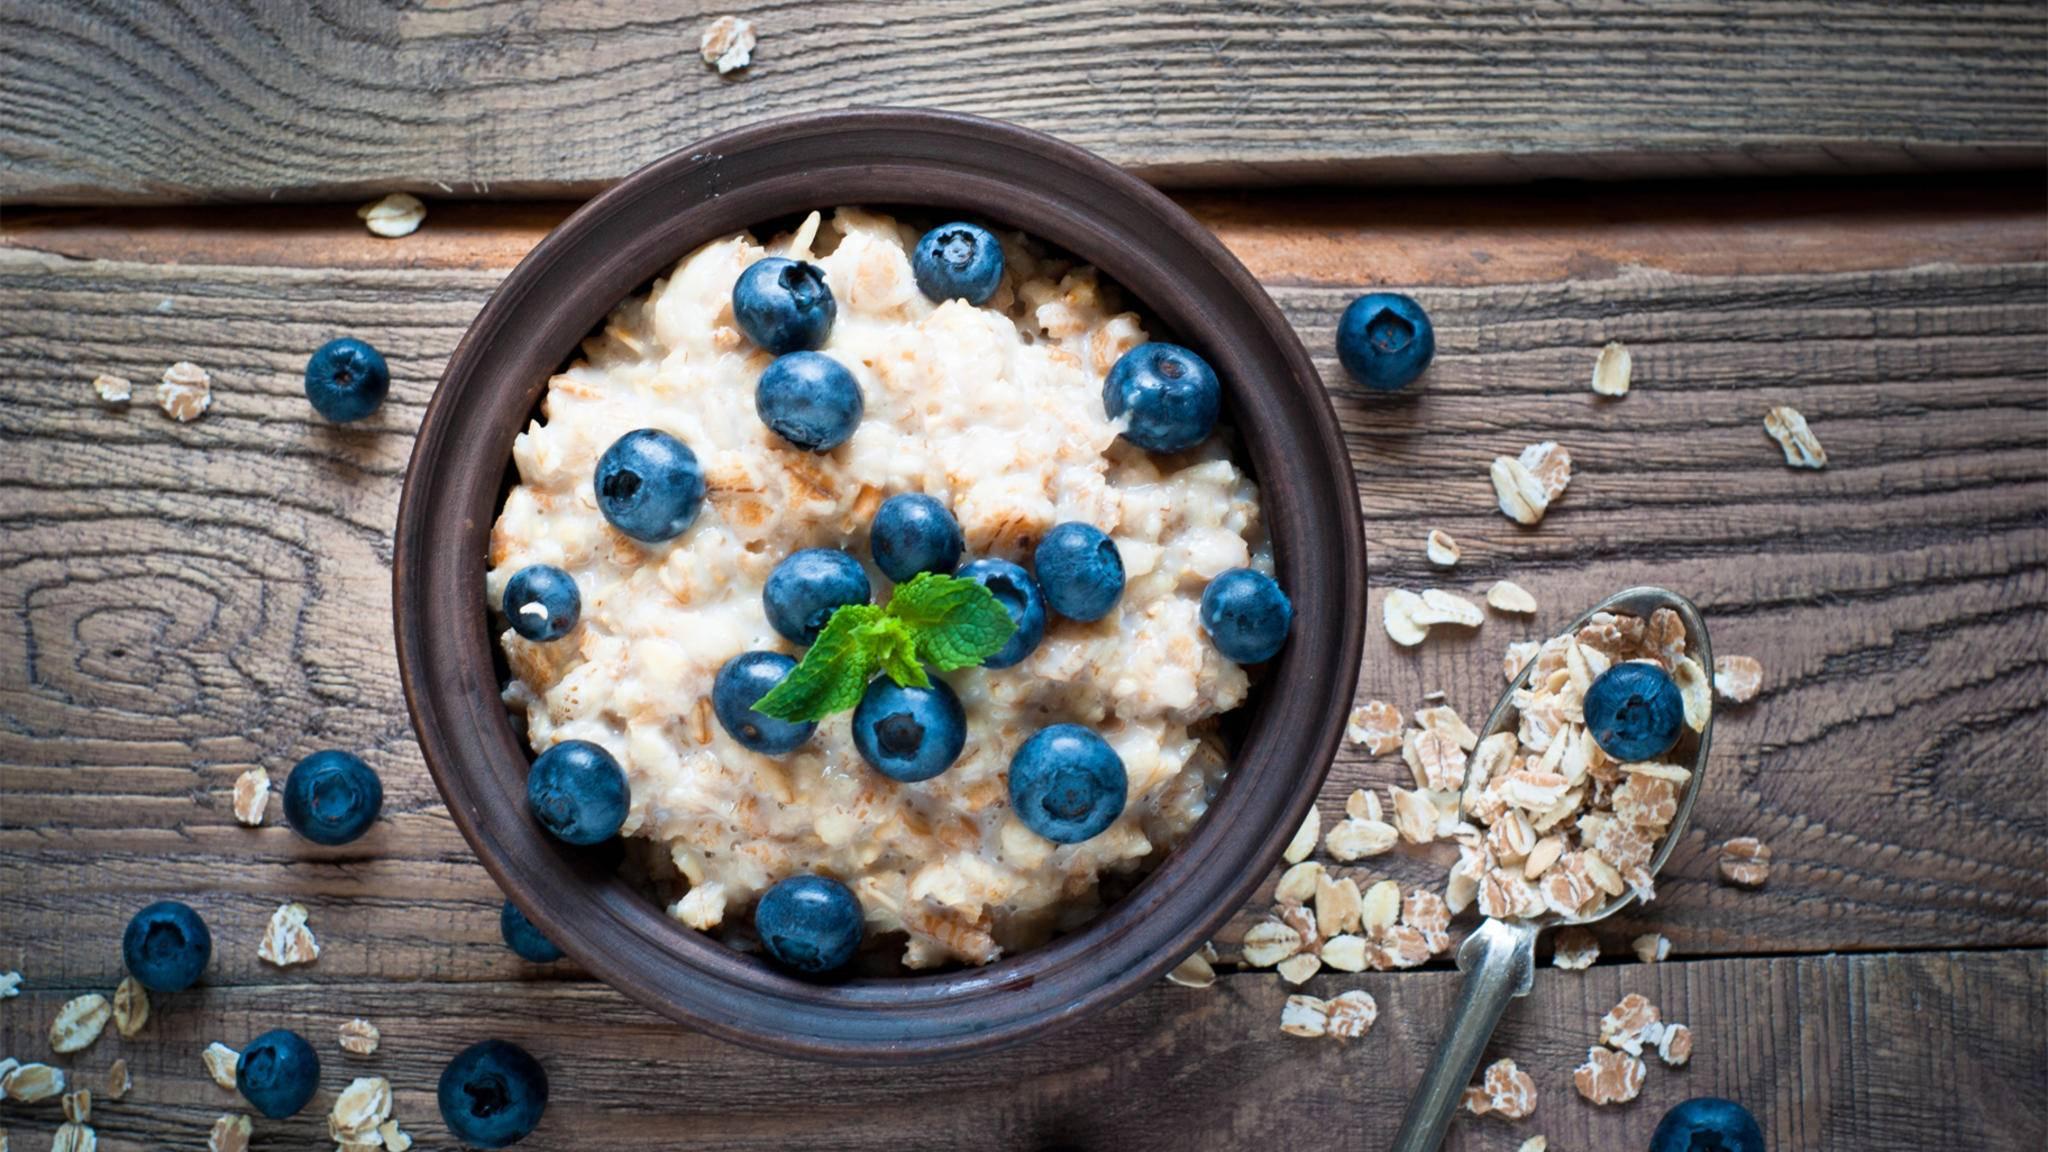 Oatmeal kann auf vielerlei Arten genossen werden.